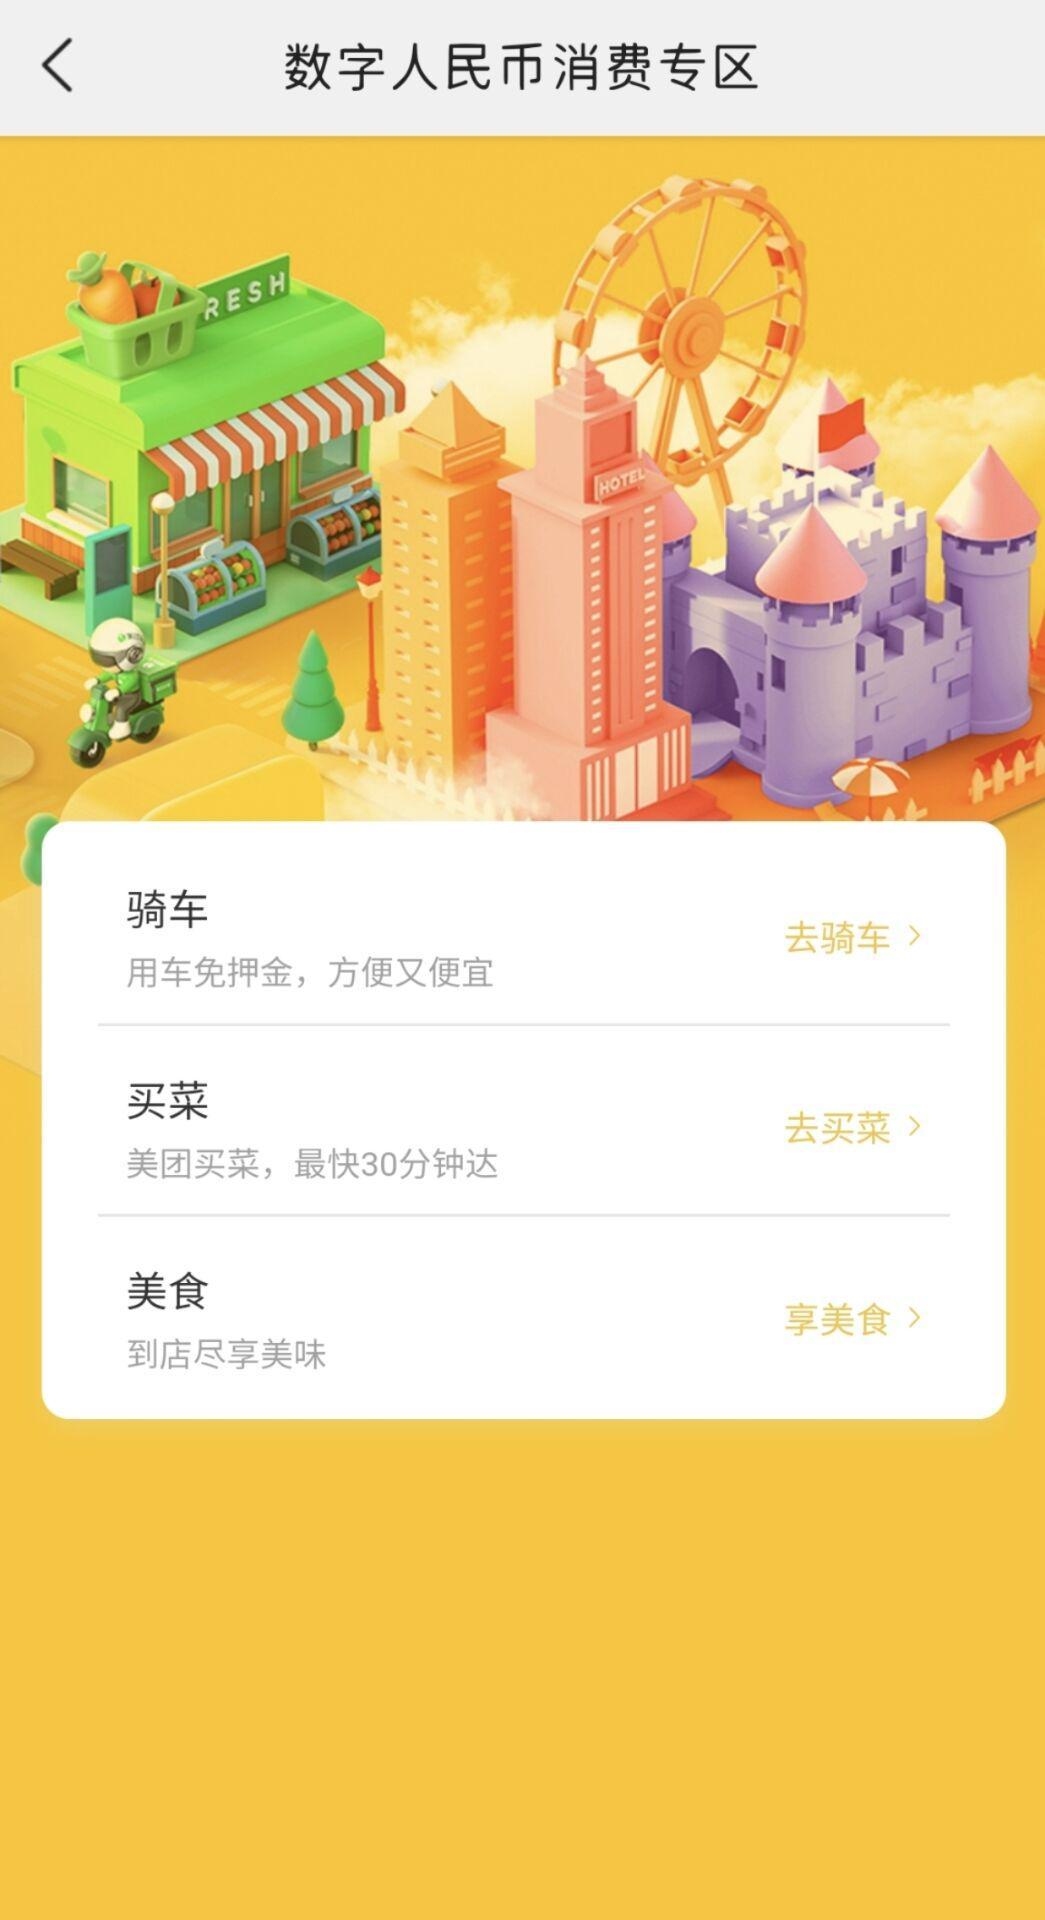 美团在上海区域上线数字人民币消费专区 上海市_新浪财经_新浪网